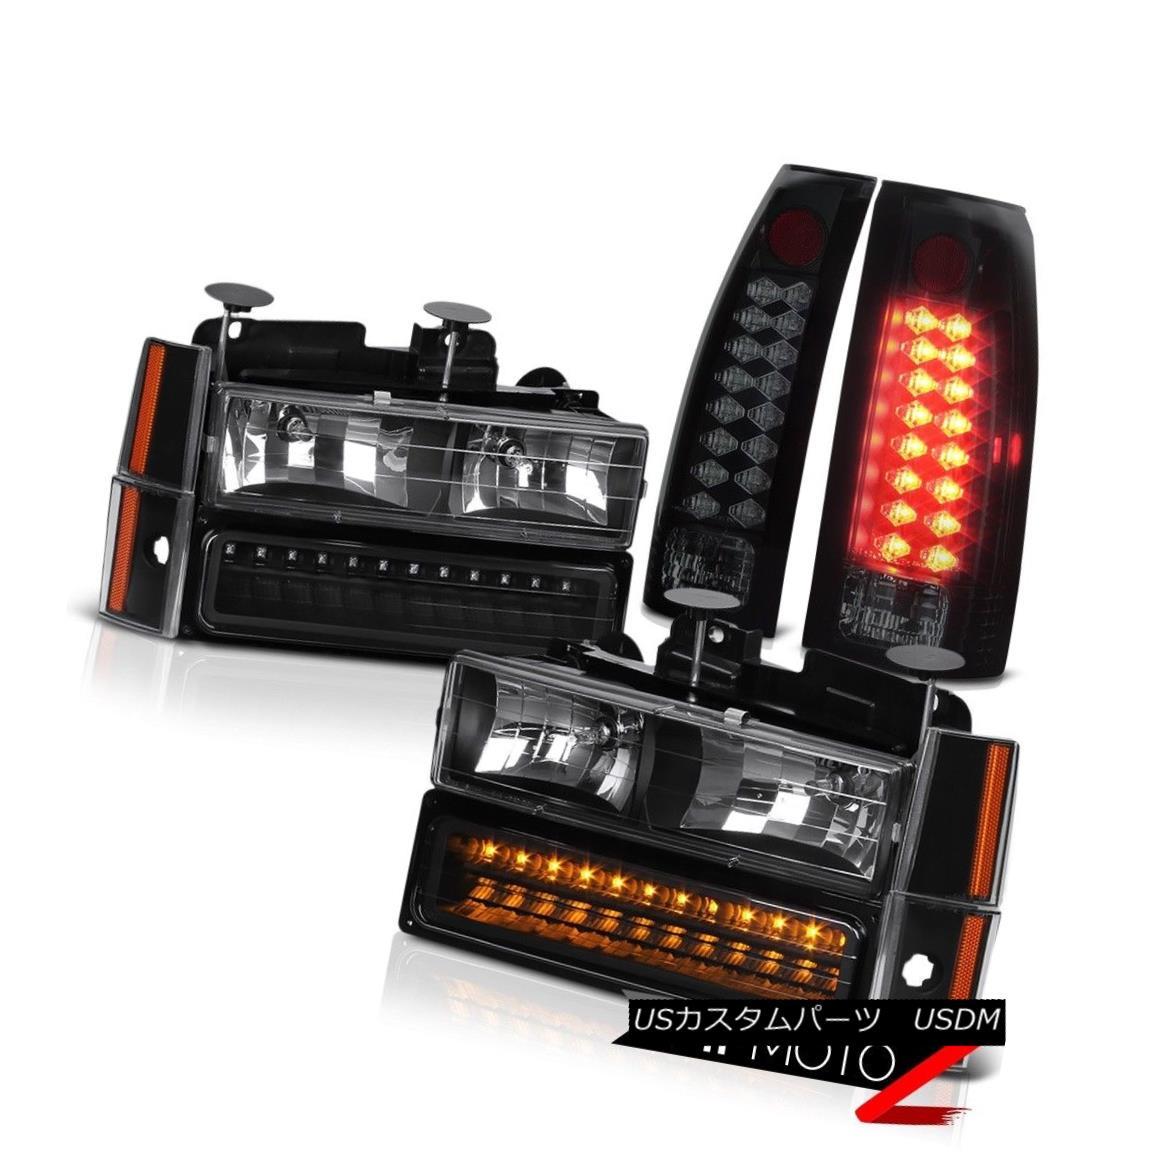 ヘッドライト [DARKEST SMOKE] LED Rear Tail Light Brake Lamp Set+8PC Black LED Headlight LH+RH [DARKEST SMOKE] LEDリアテールライトブレーキランプセット+ 8PCブラックLEDヘッドライトLH + RH